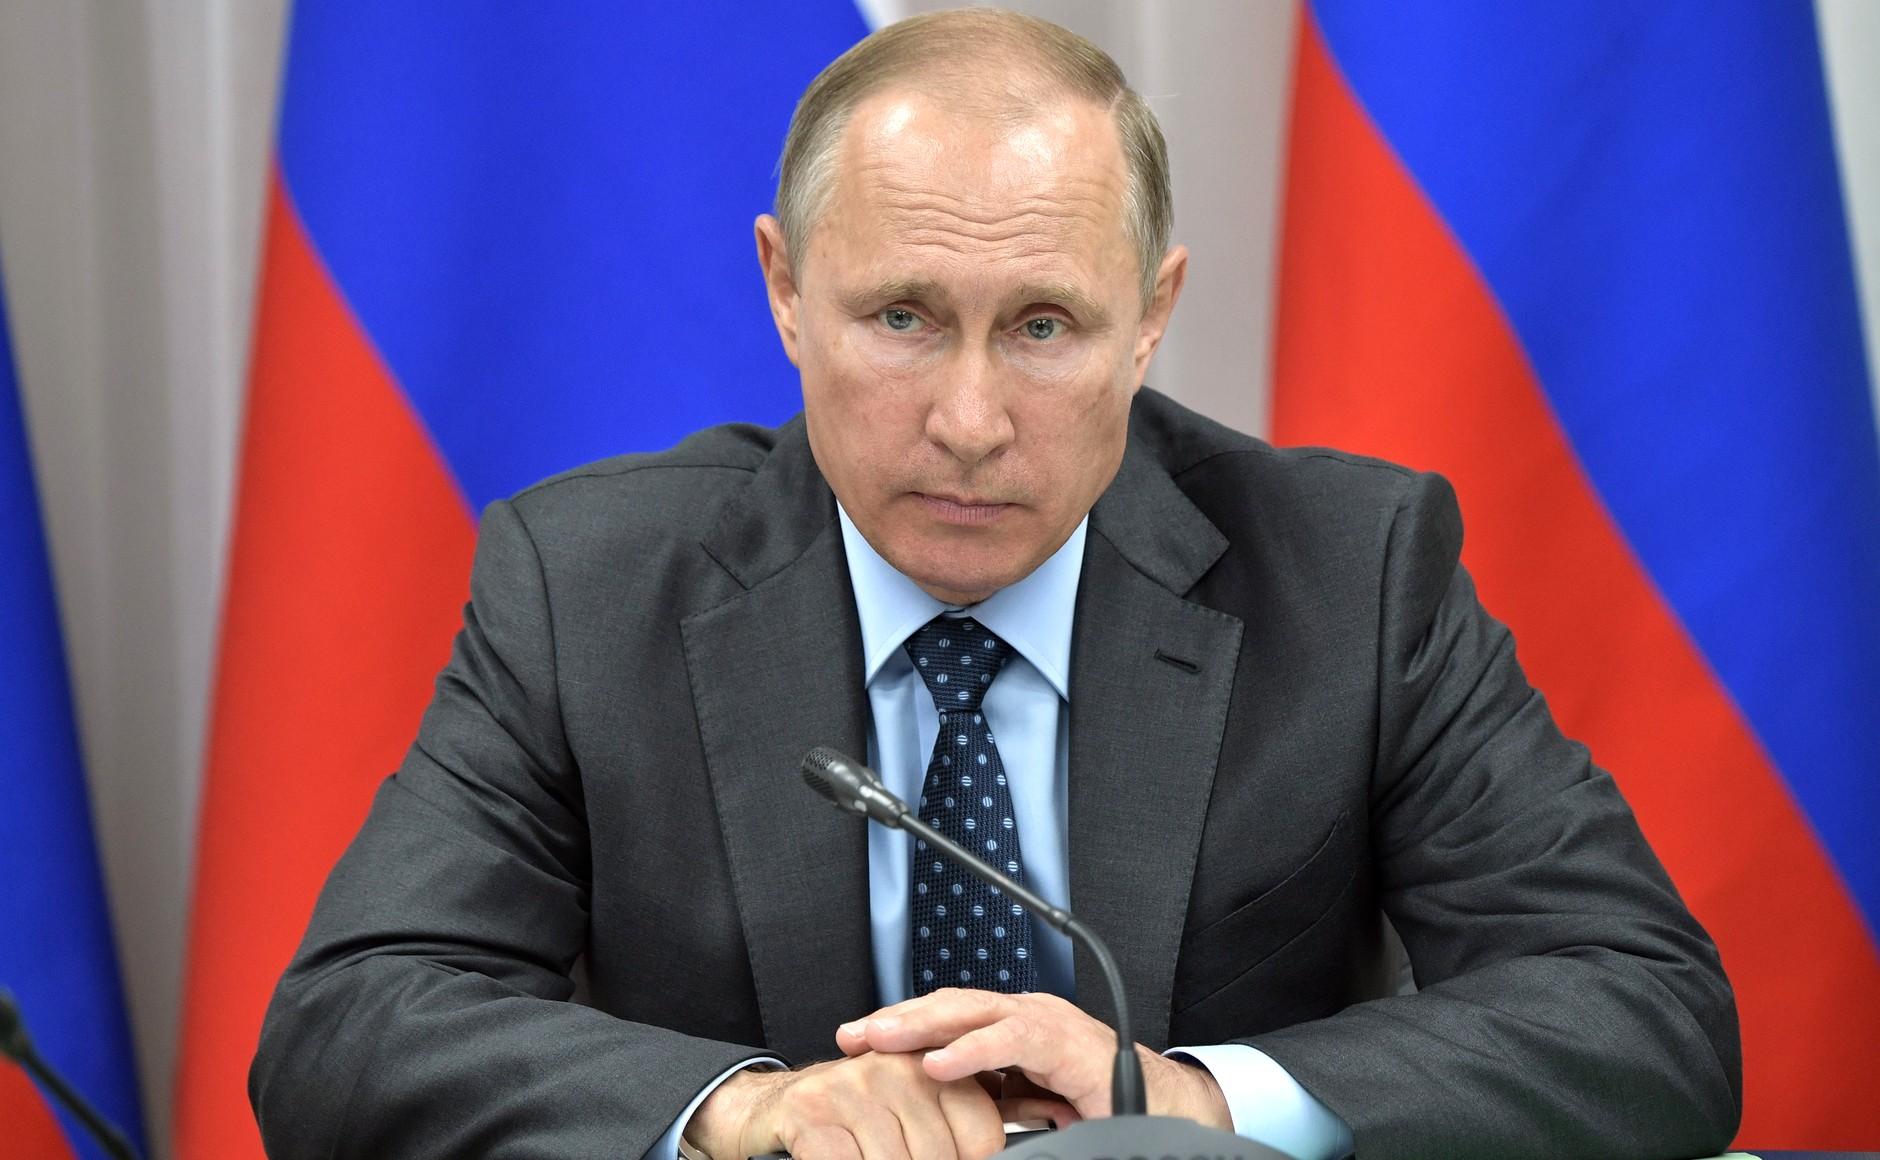 Путин поручил установить доплаты медработникам за борьбу с коронавирусом